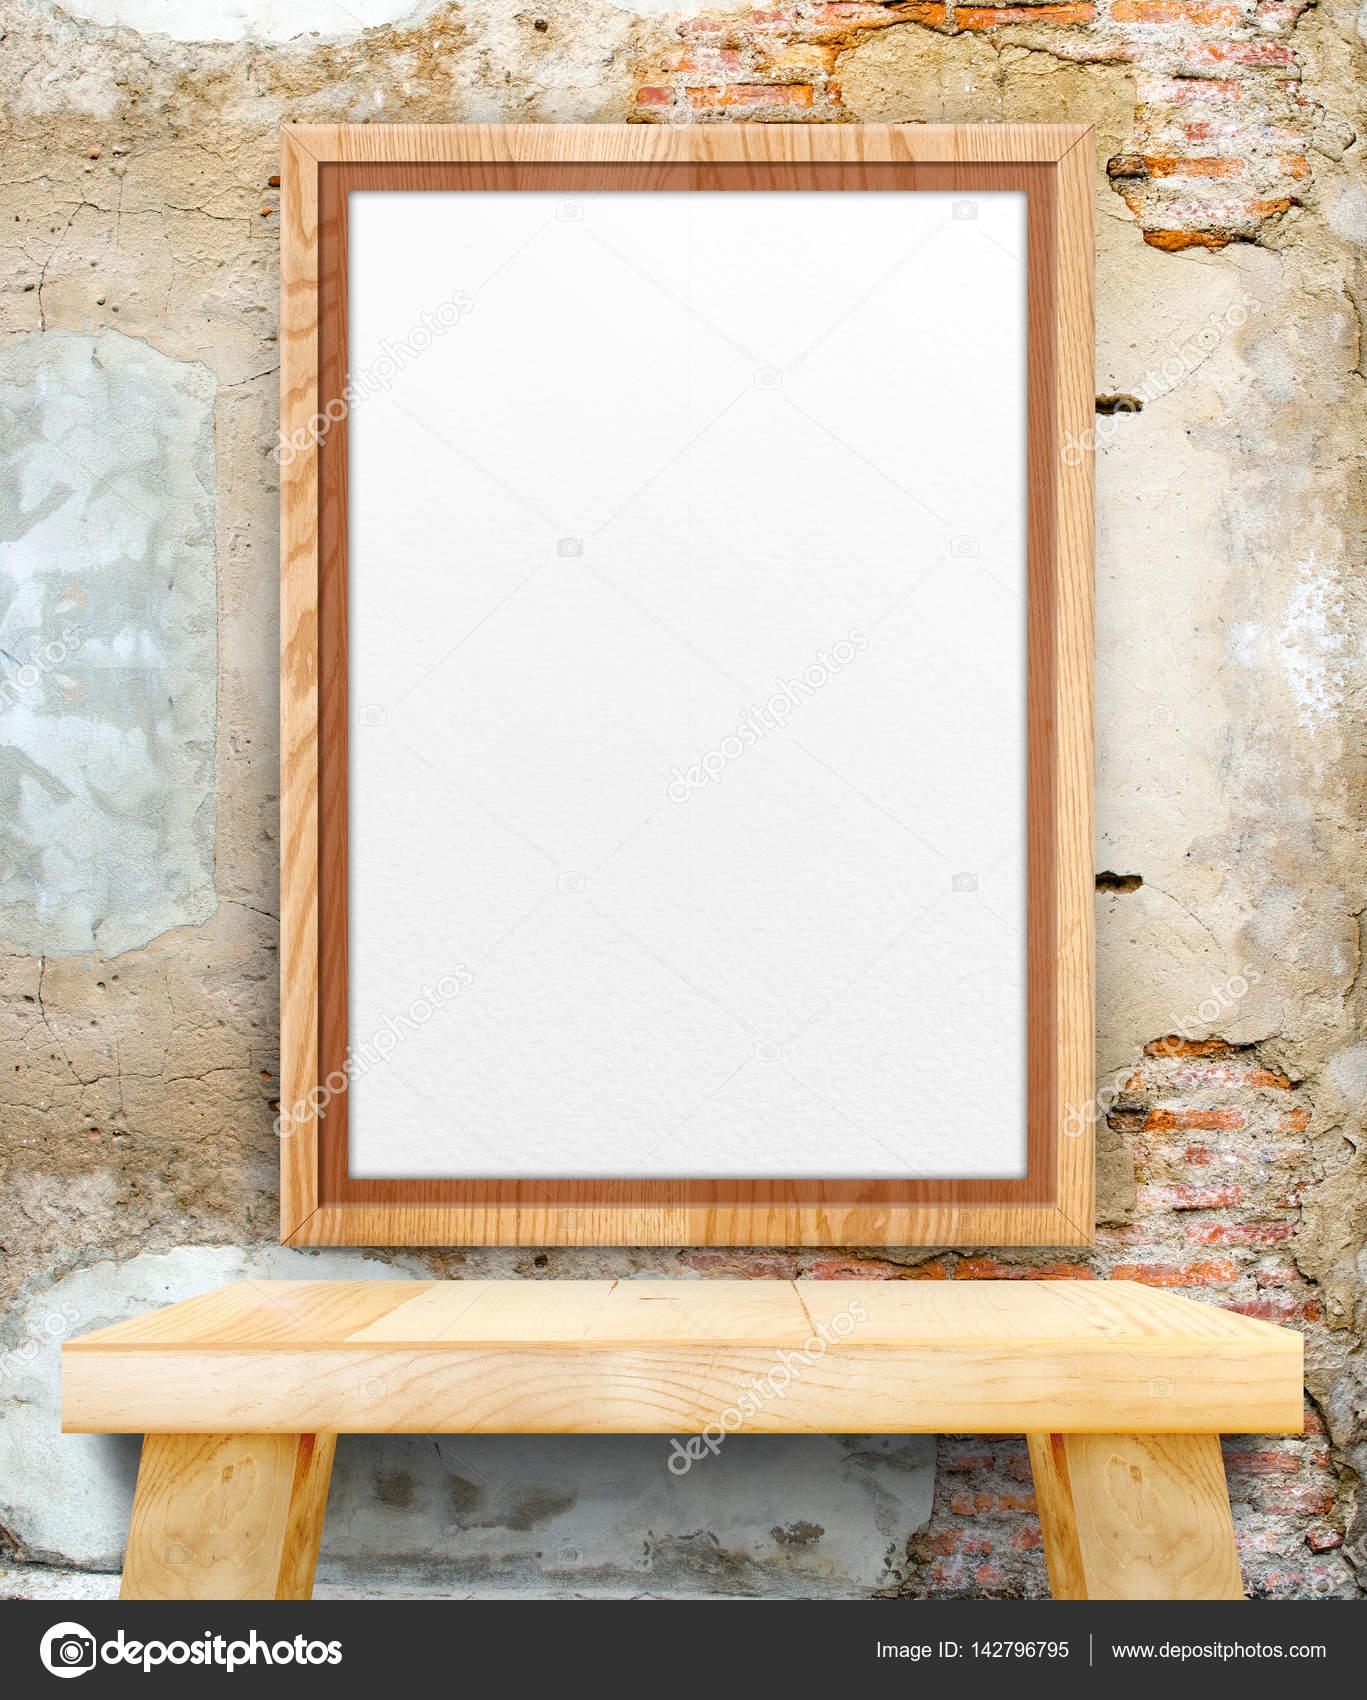 Marco de madera en blanco de la foto colgada en el crack de grunge ...